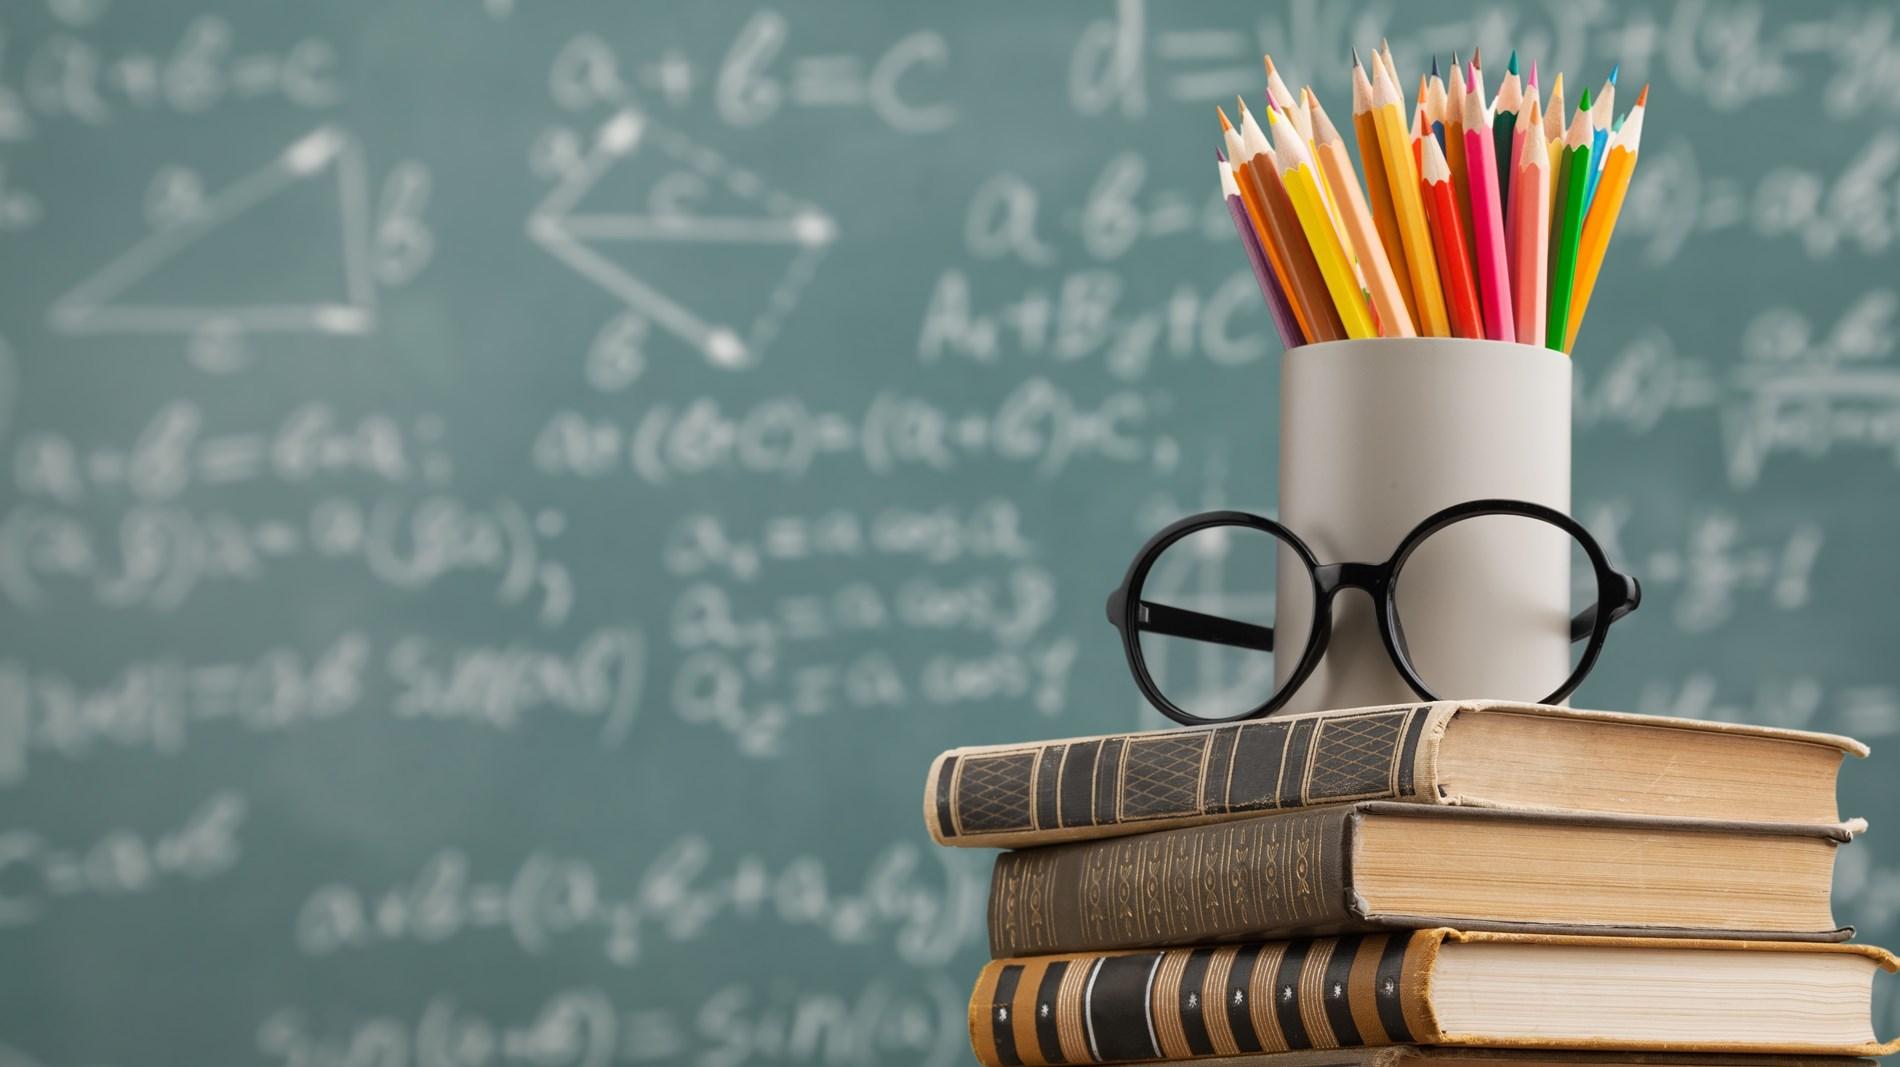 المعلم حارس أمين لبوابة التعليم المطلة على المستقبل